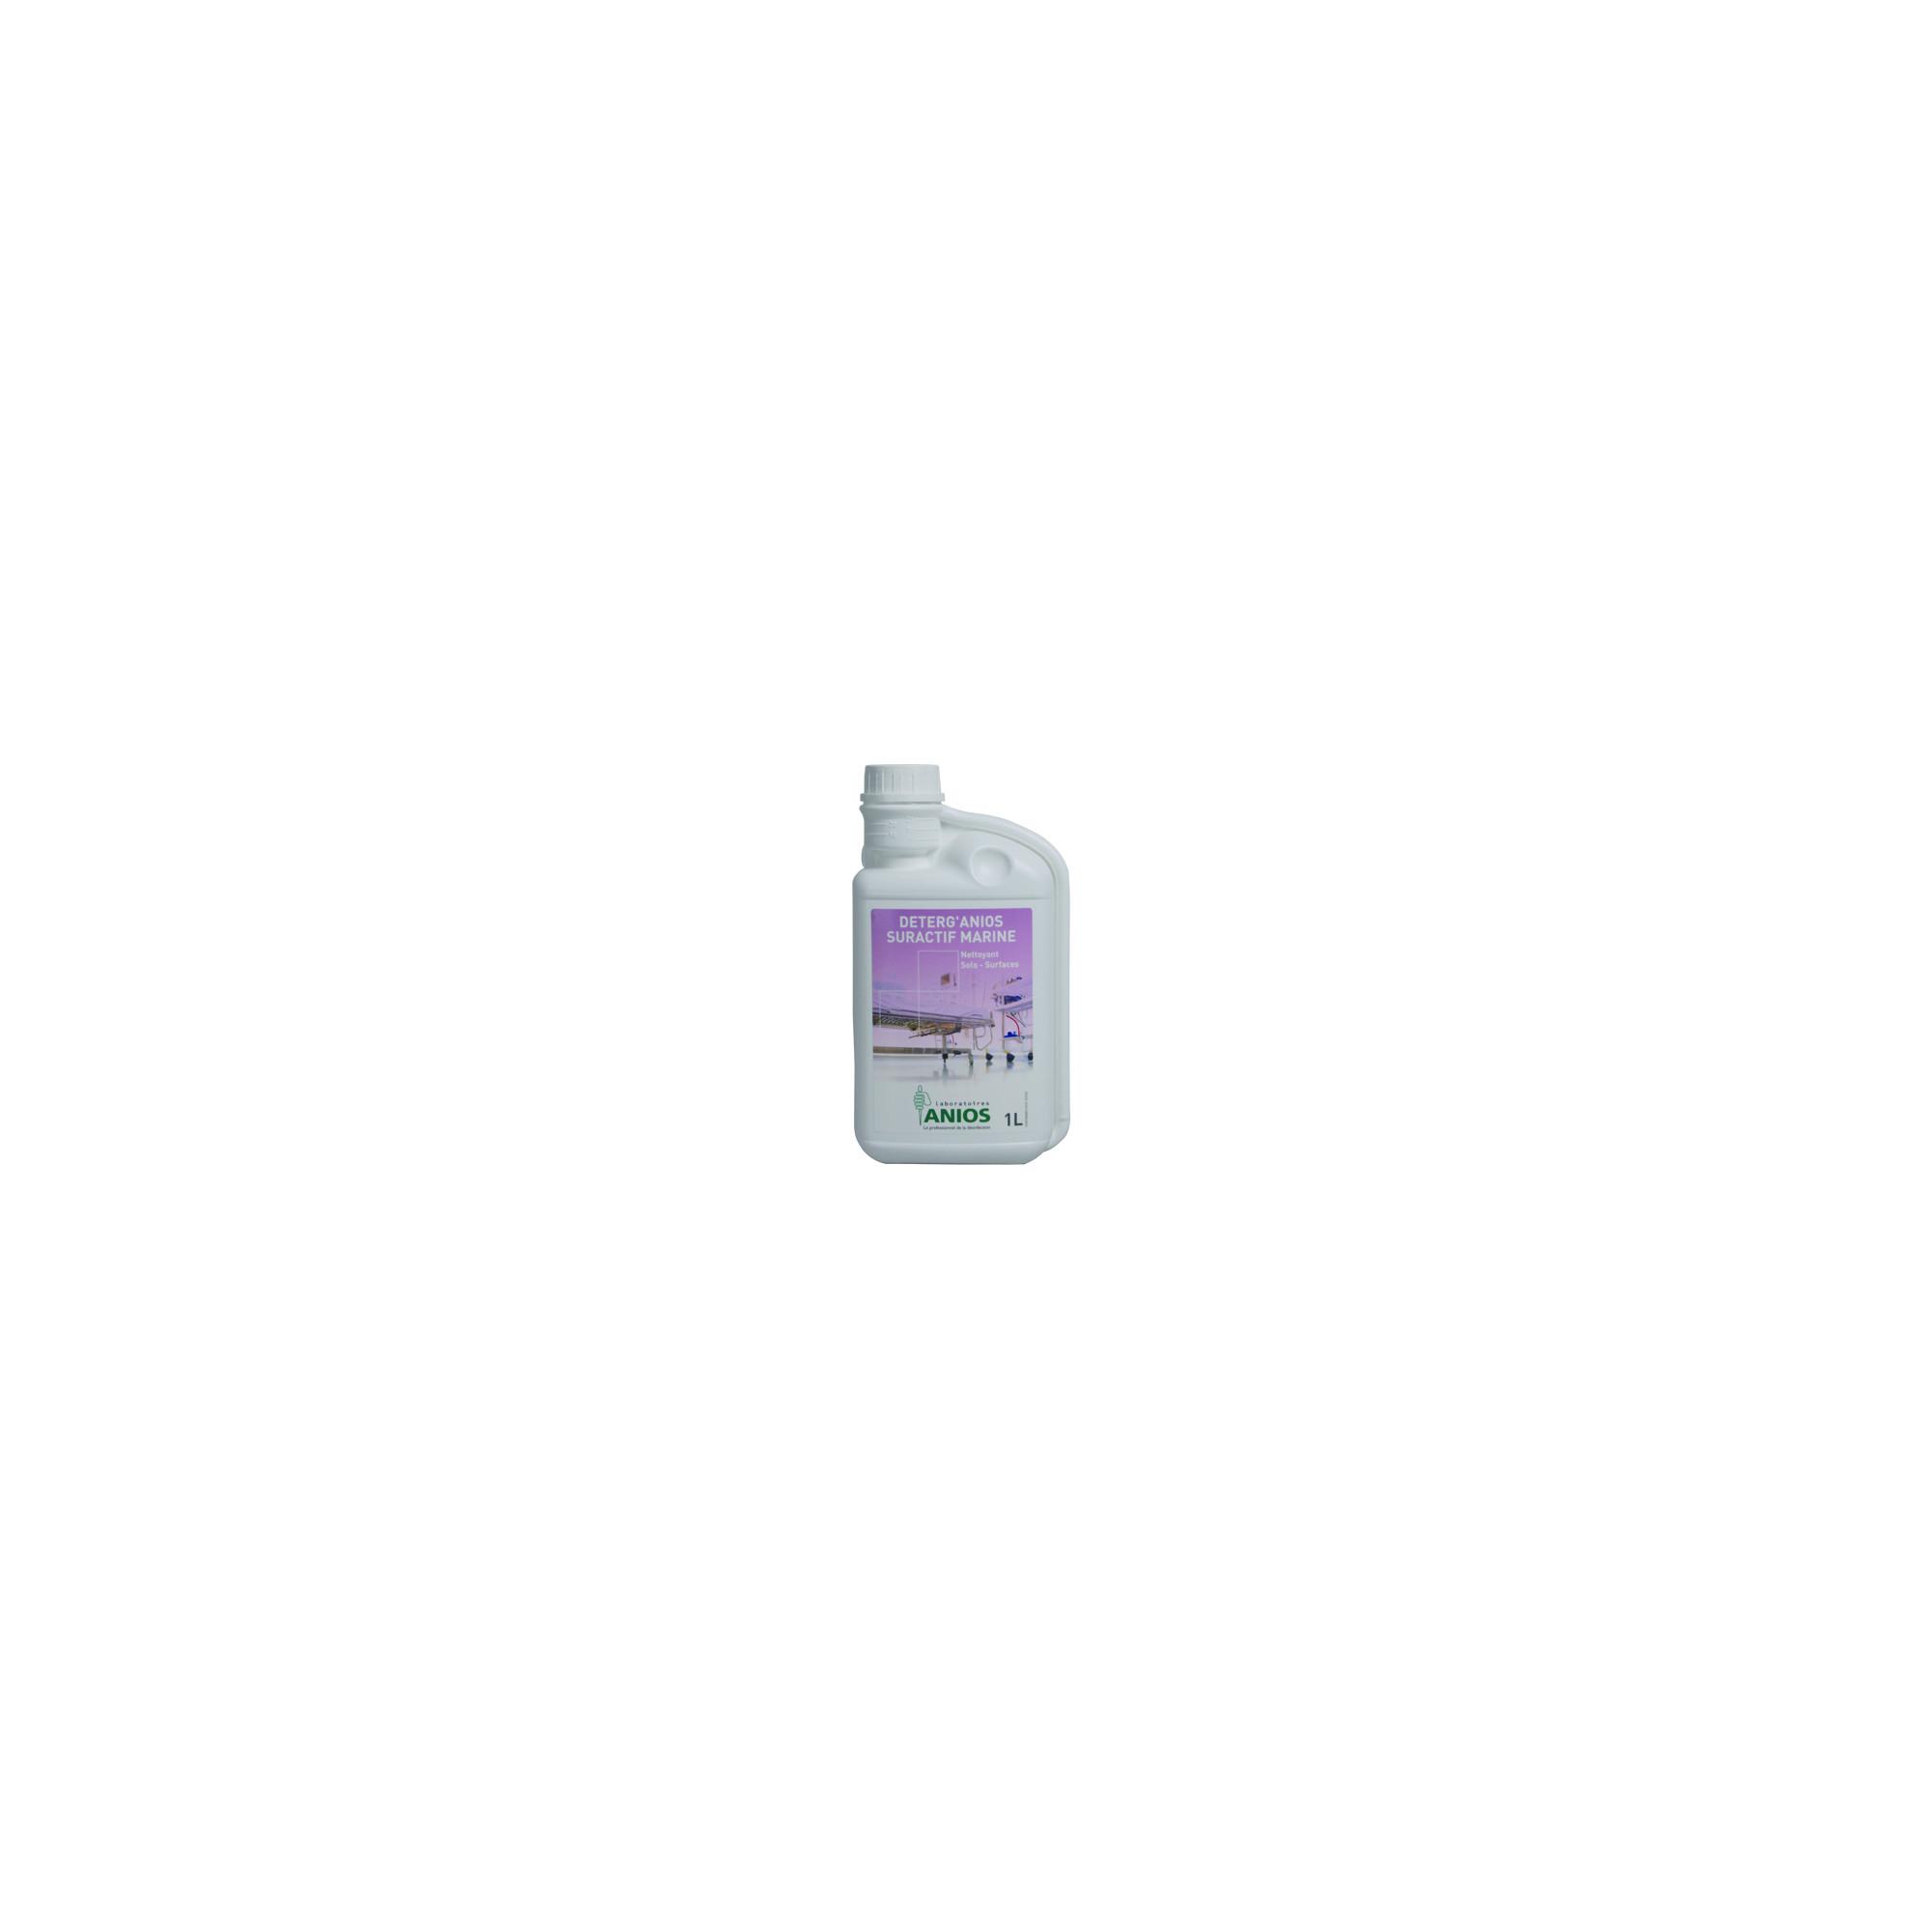 Deterg'anios - Sols et Surfaces - Effet mouillant, dispersant et solubilisant - 5L - Anios